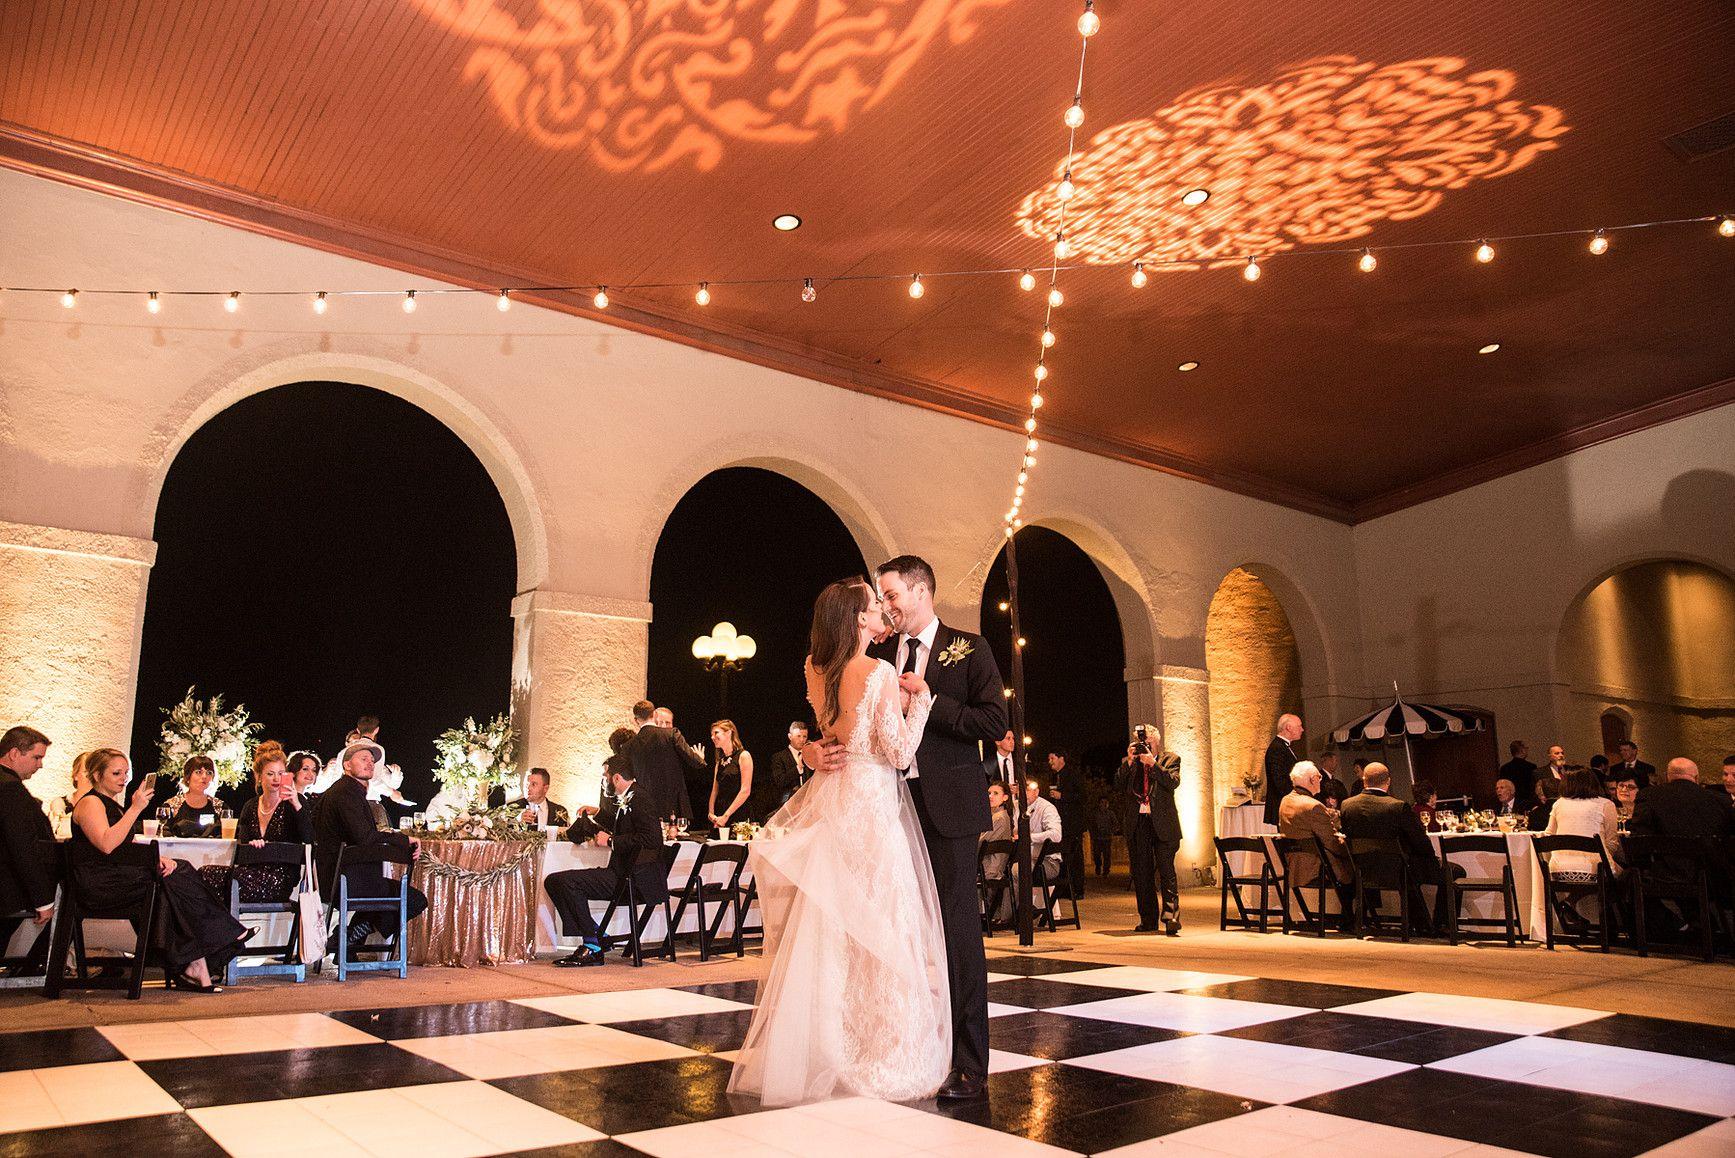 chameleon imagery weddings world s fair pavilion forest park